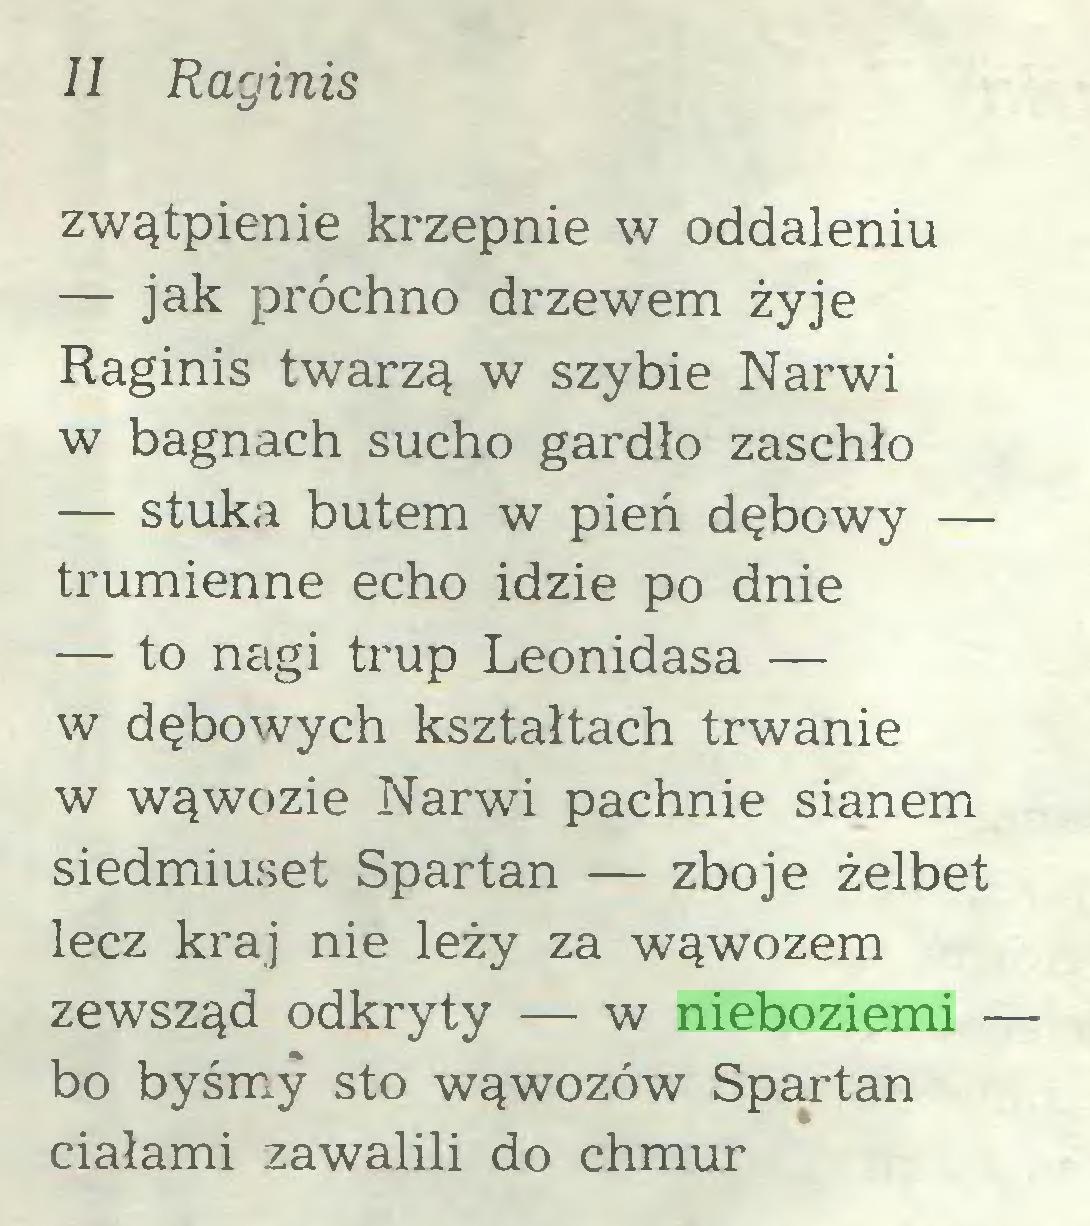 (...) II Raginis zwątpienie krzepnie w oddaleniu — jak próchno drzewem żyje Raginis twarzą w szybie Narwi w bagnach sucho gardło zaschło — stuka butem w pień dębowy — trumienne echo idzie po dnie — to nagi trup Leonidasa — w dębowych kształtach trwanie w wąwozie Narwi pachnie sianem siedmiuset Spartan — zbóje żelbet lecz kraj nie leży za wąwozem zewsząd odkryty — w nieboziemi — bo byśmy sto wąwozów Spartan ciałami zawalili do chmur...